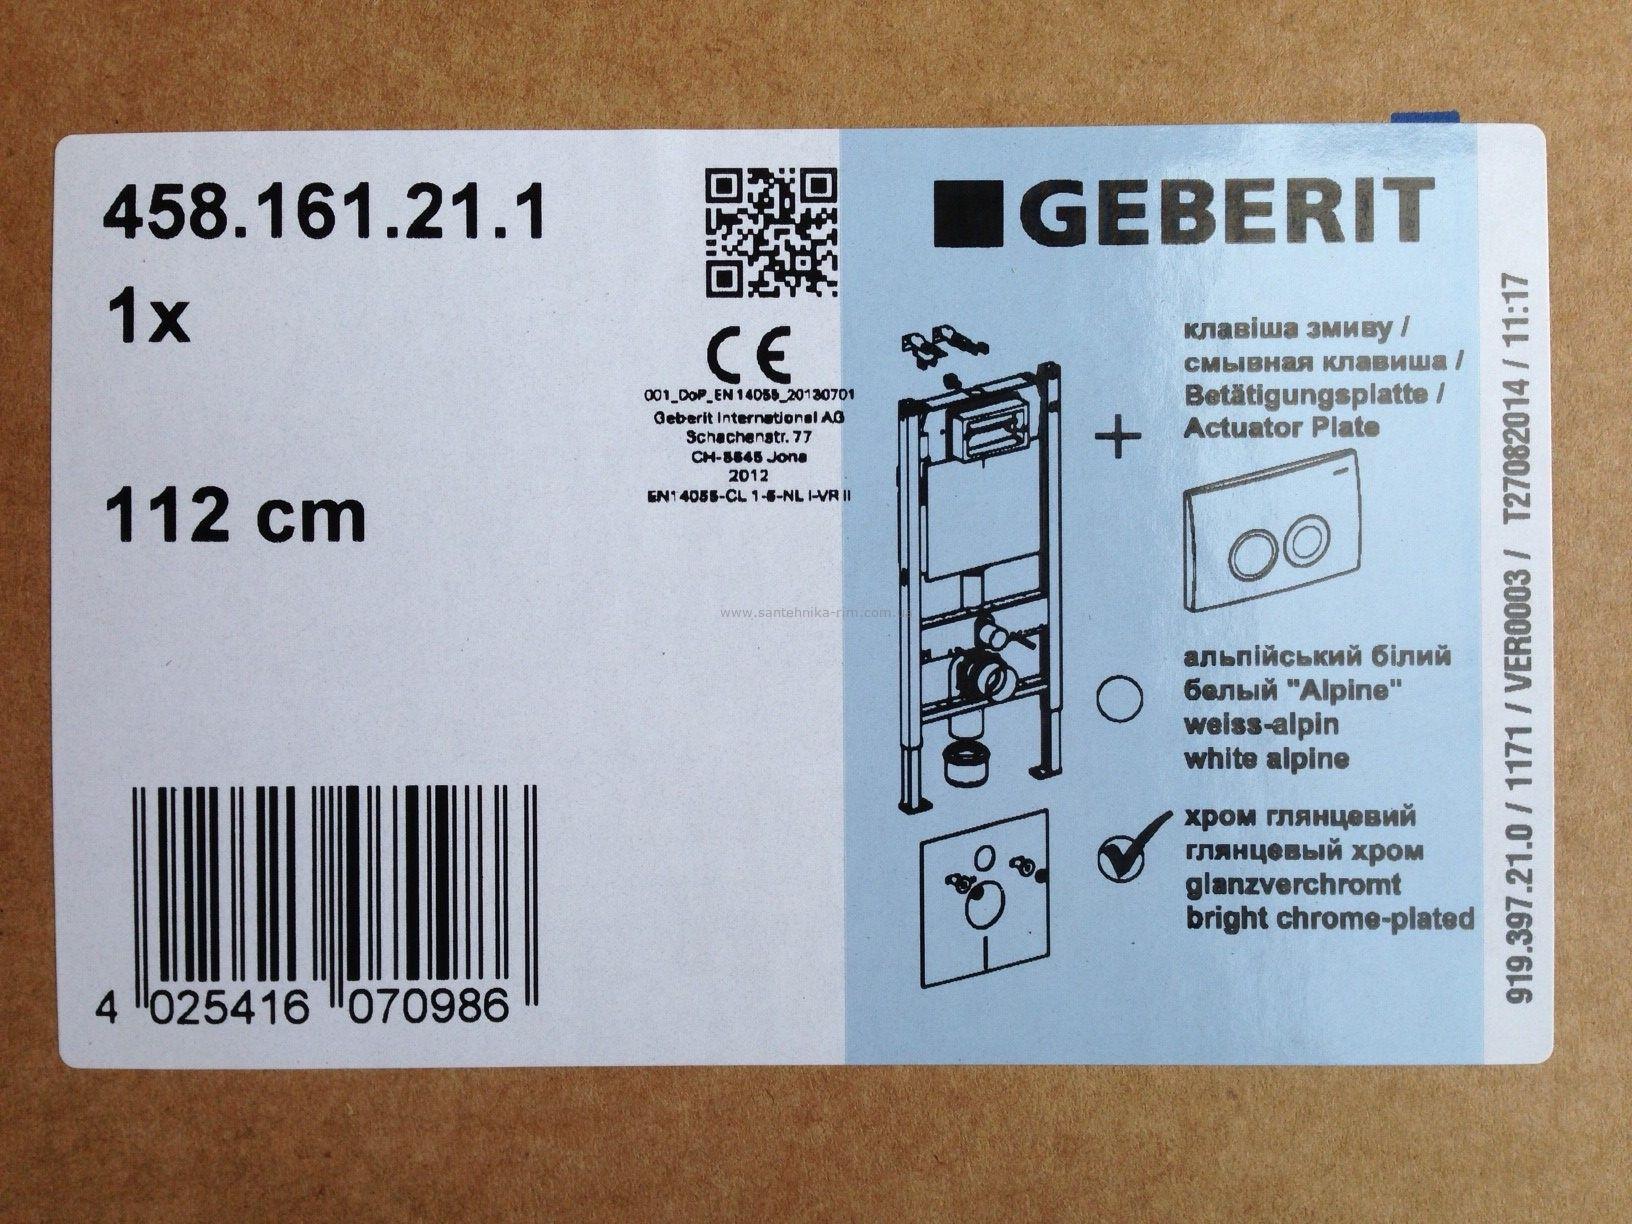 Купить Комплект инсталляции Geberit и унитаза O.Novo (458.161.21.1-5660H101)